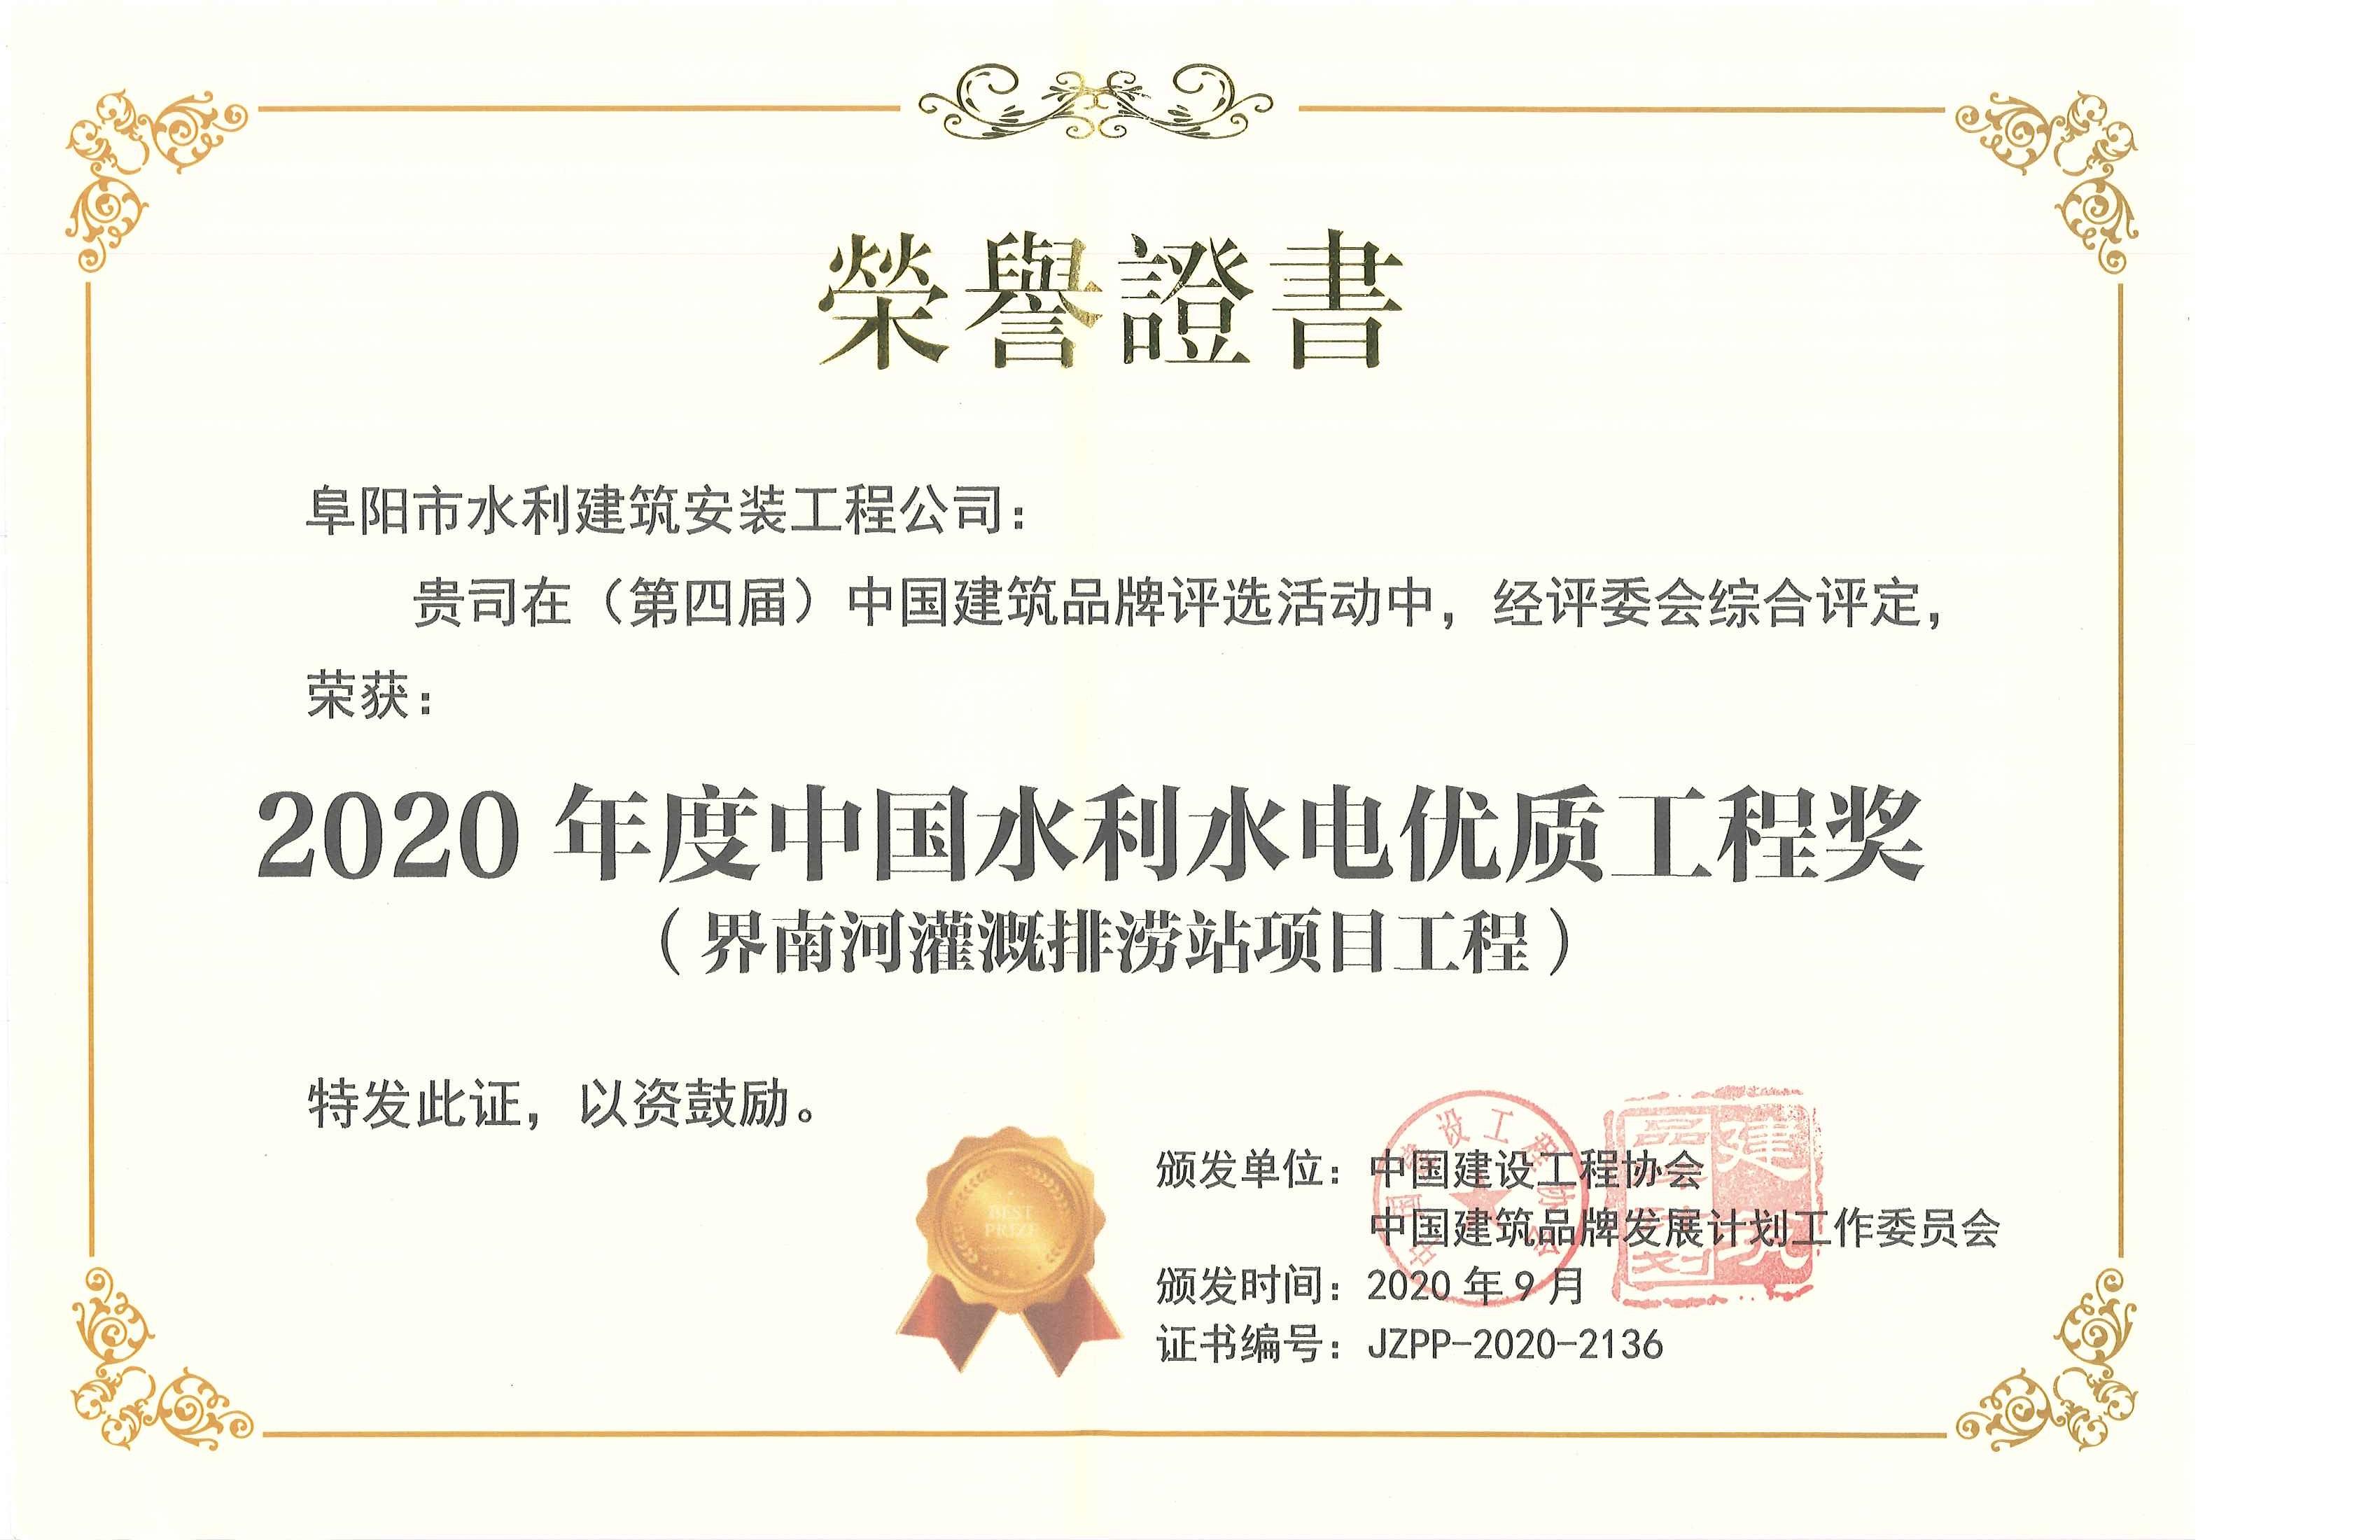 2020年度中國水利水電優質工程獎